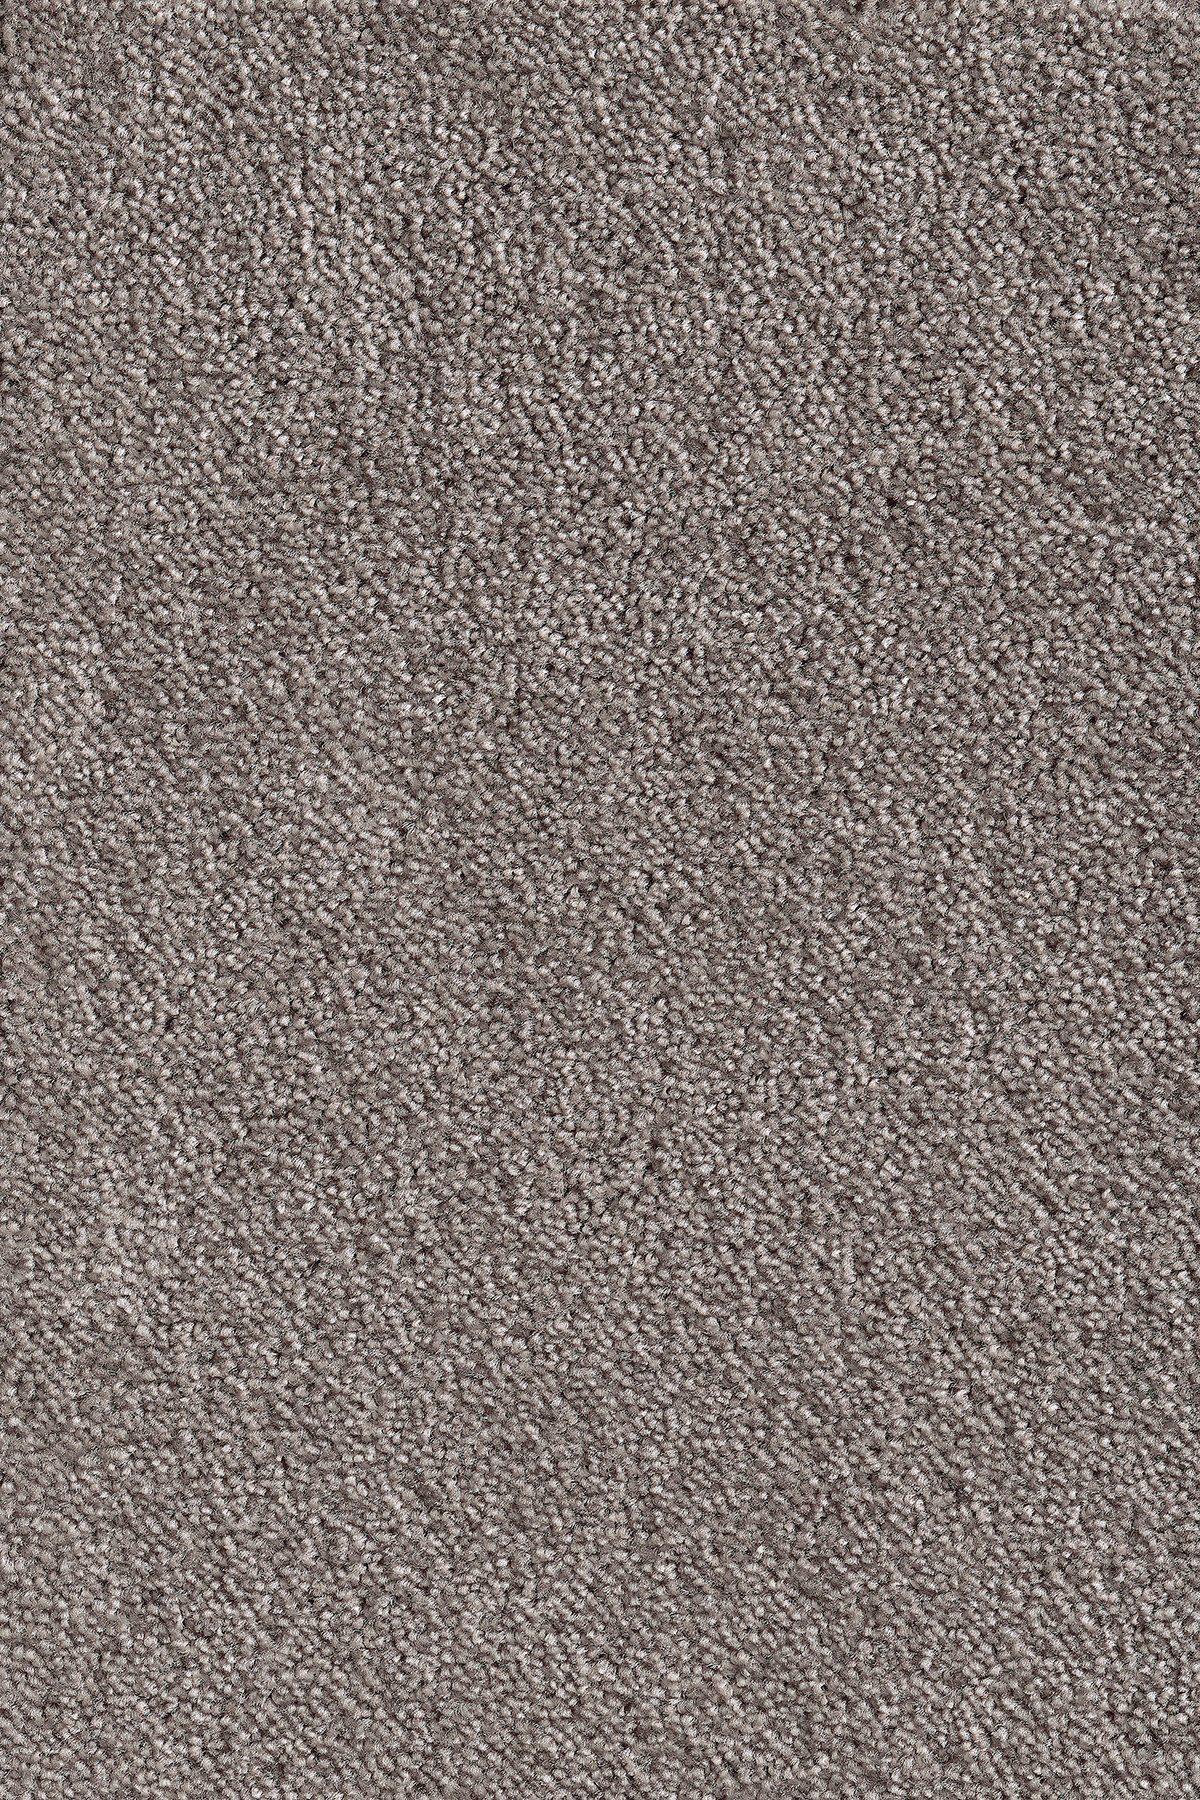 ANDIAMO Teppichboden »Levin schlammfarben«, Breite 500 cm